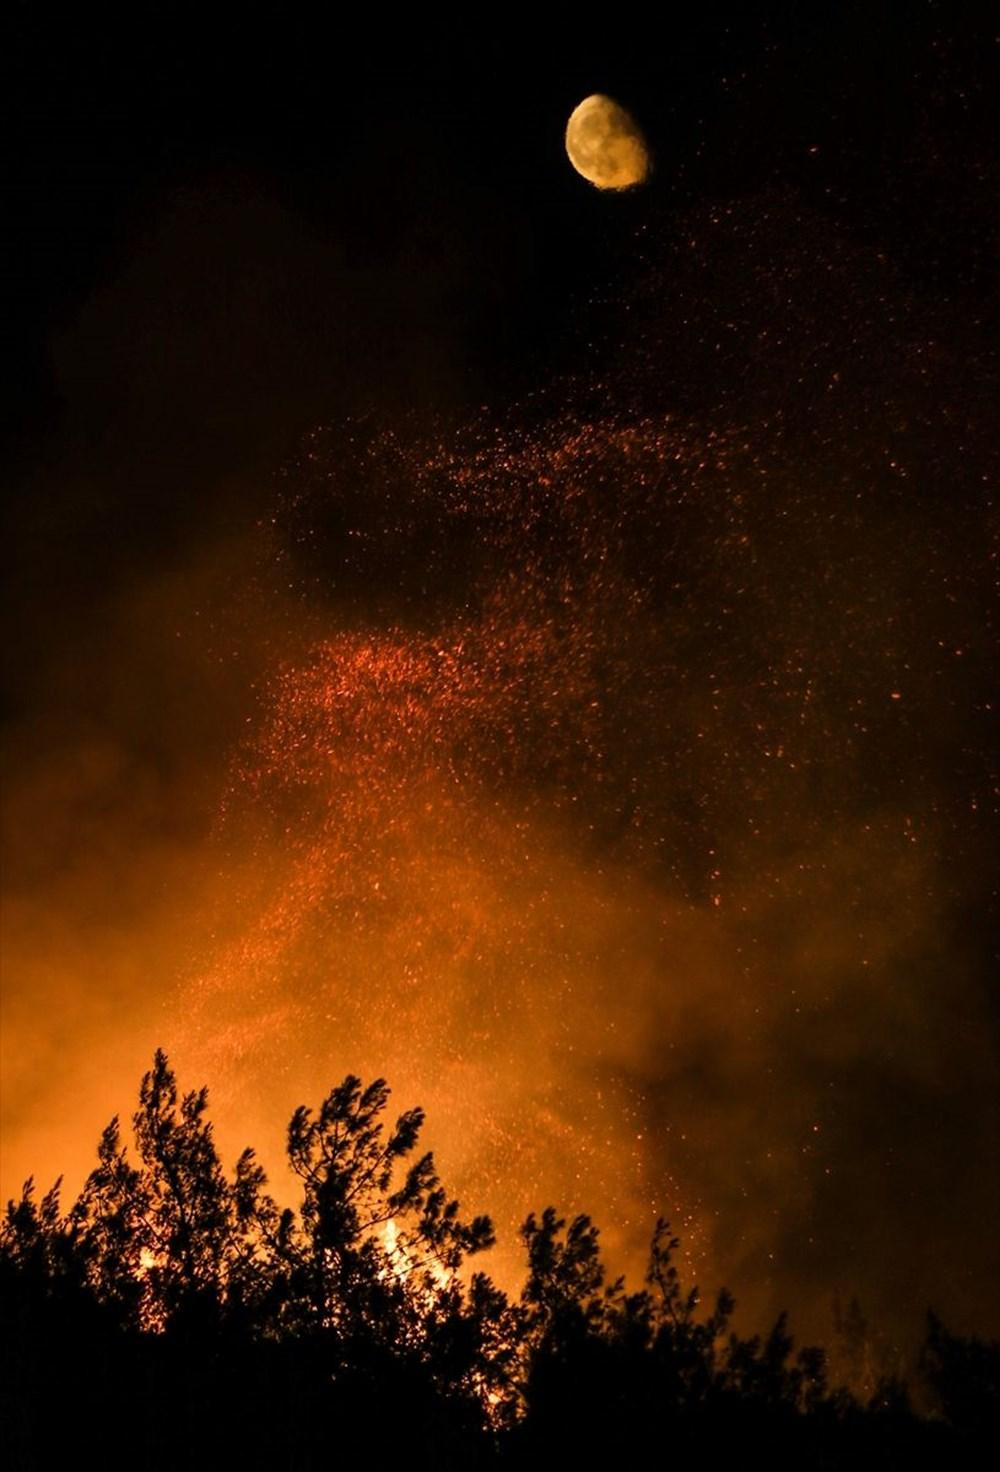 Antalya, Adana, Mersin, Aydın, Muğla, Osmaniye, Kayseri ve Manisa'da orman yangınları - 45